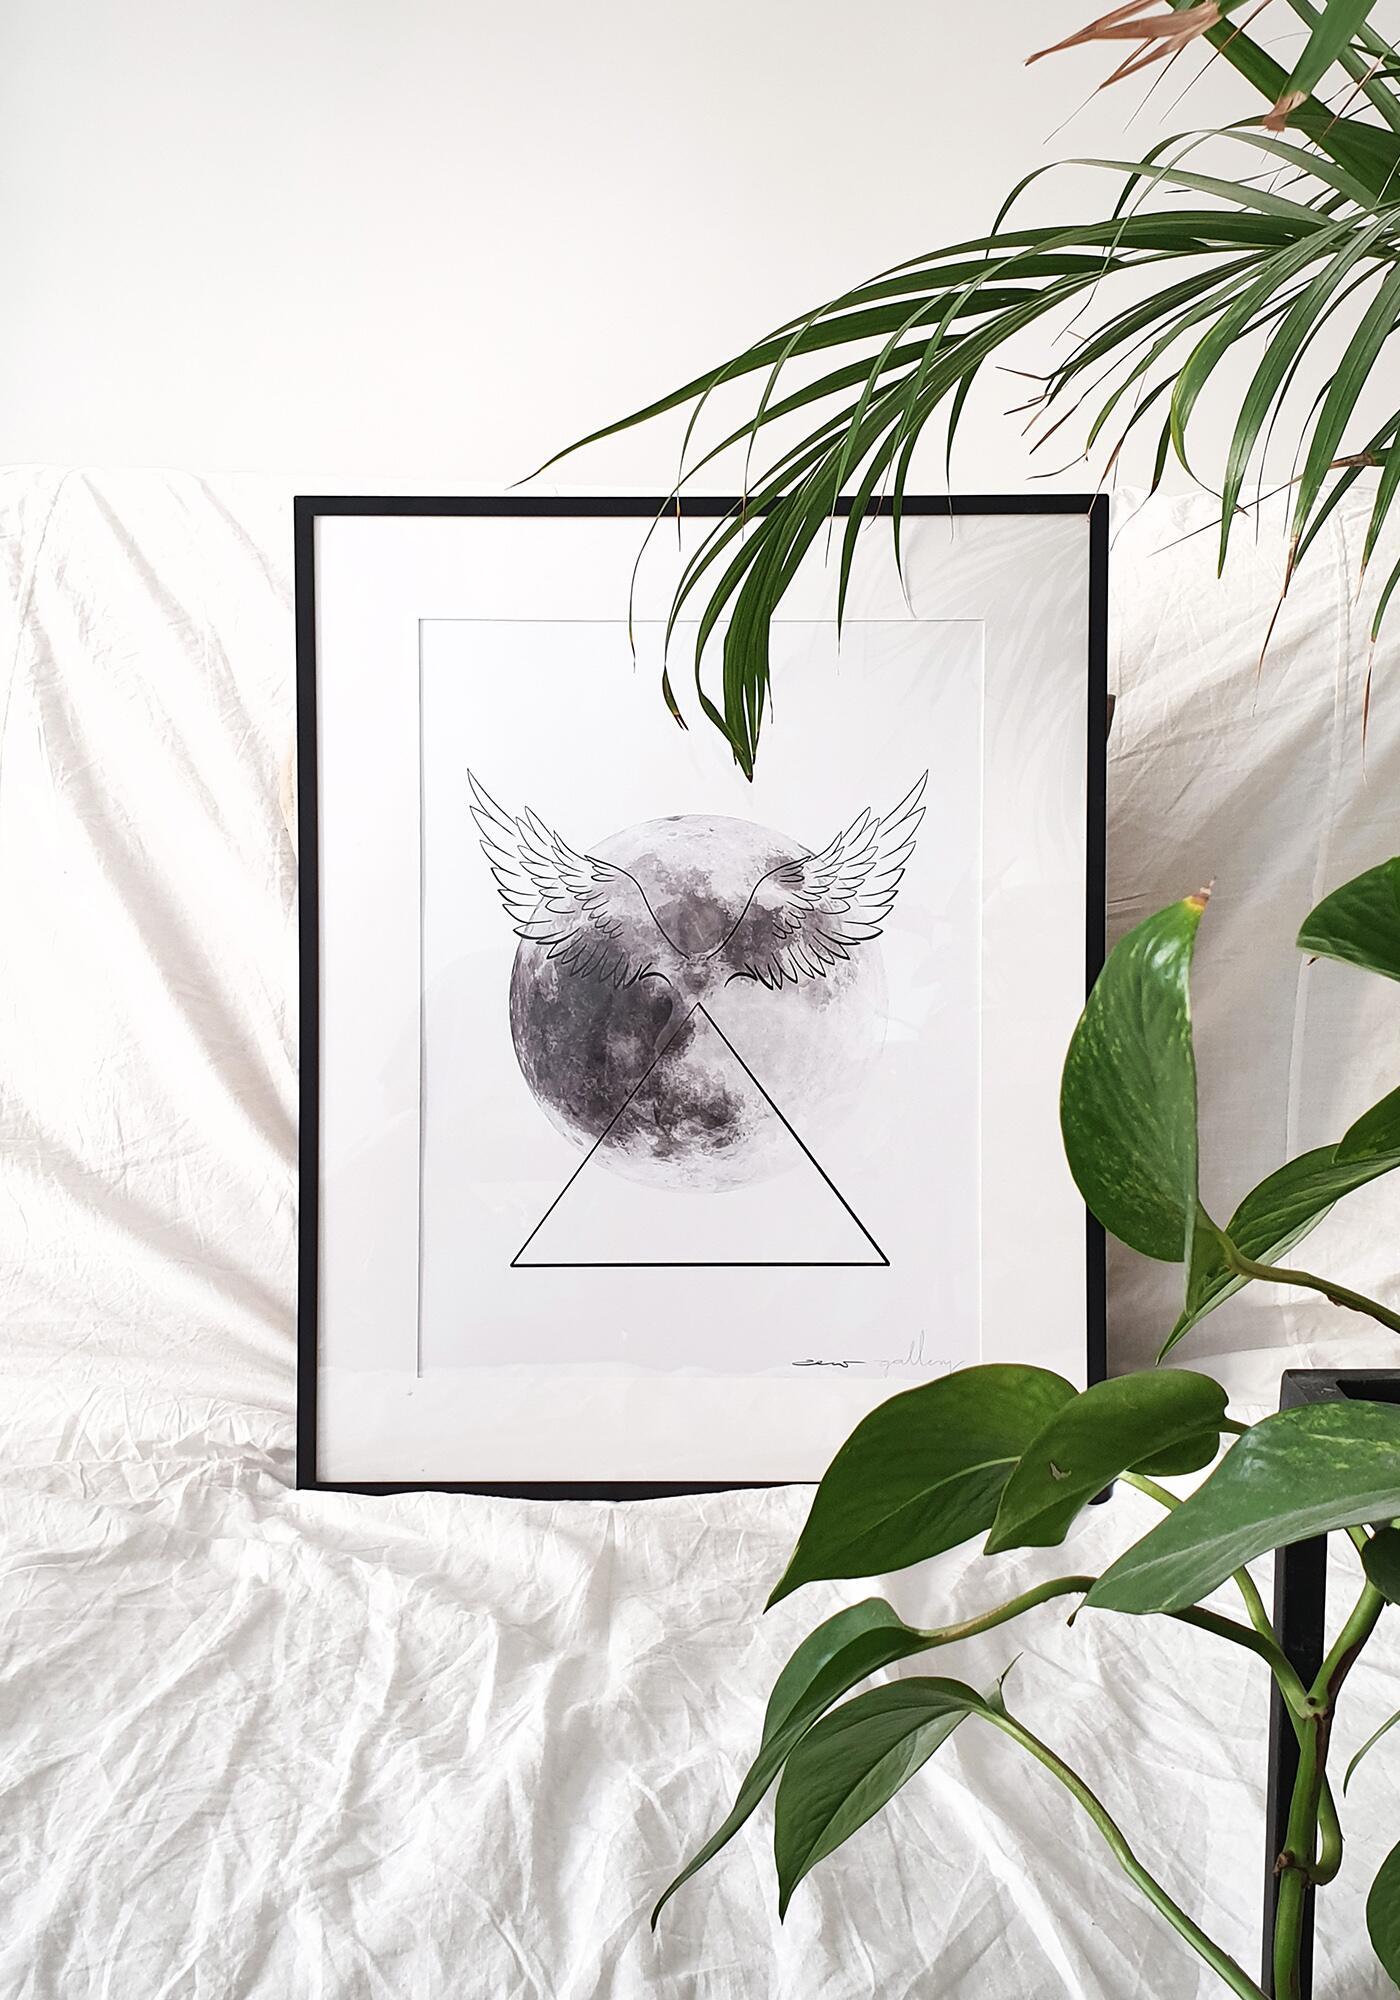 plakat Moon Girl   Dziewczyna z Księżyca - zew.gallery   JestemSlow.pl